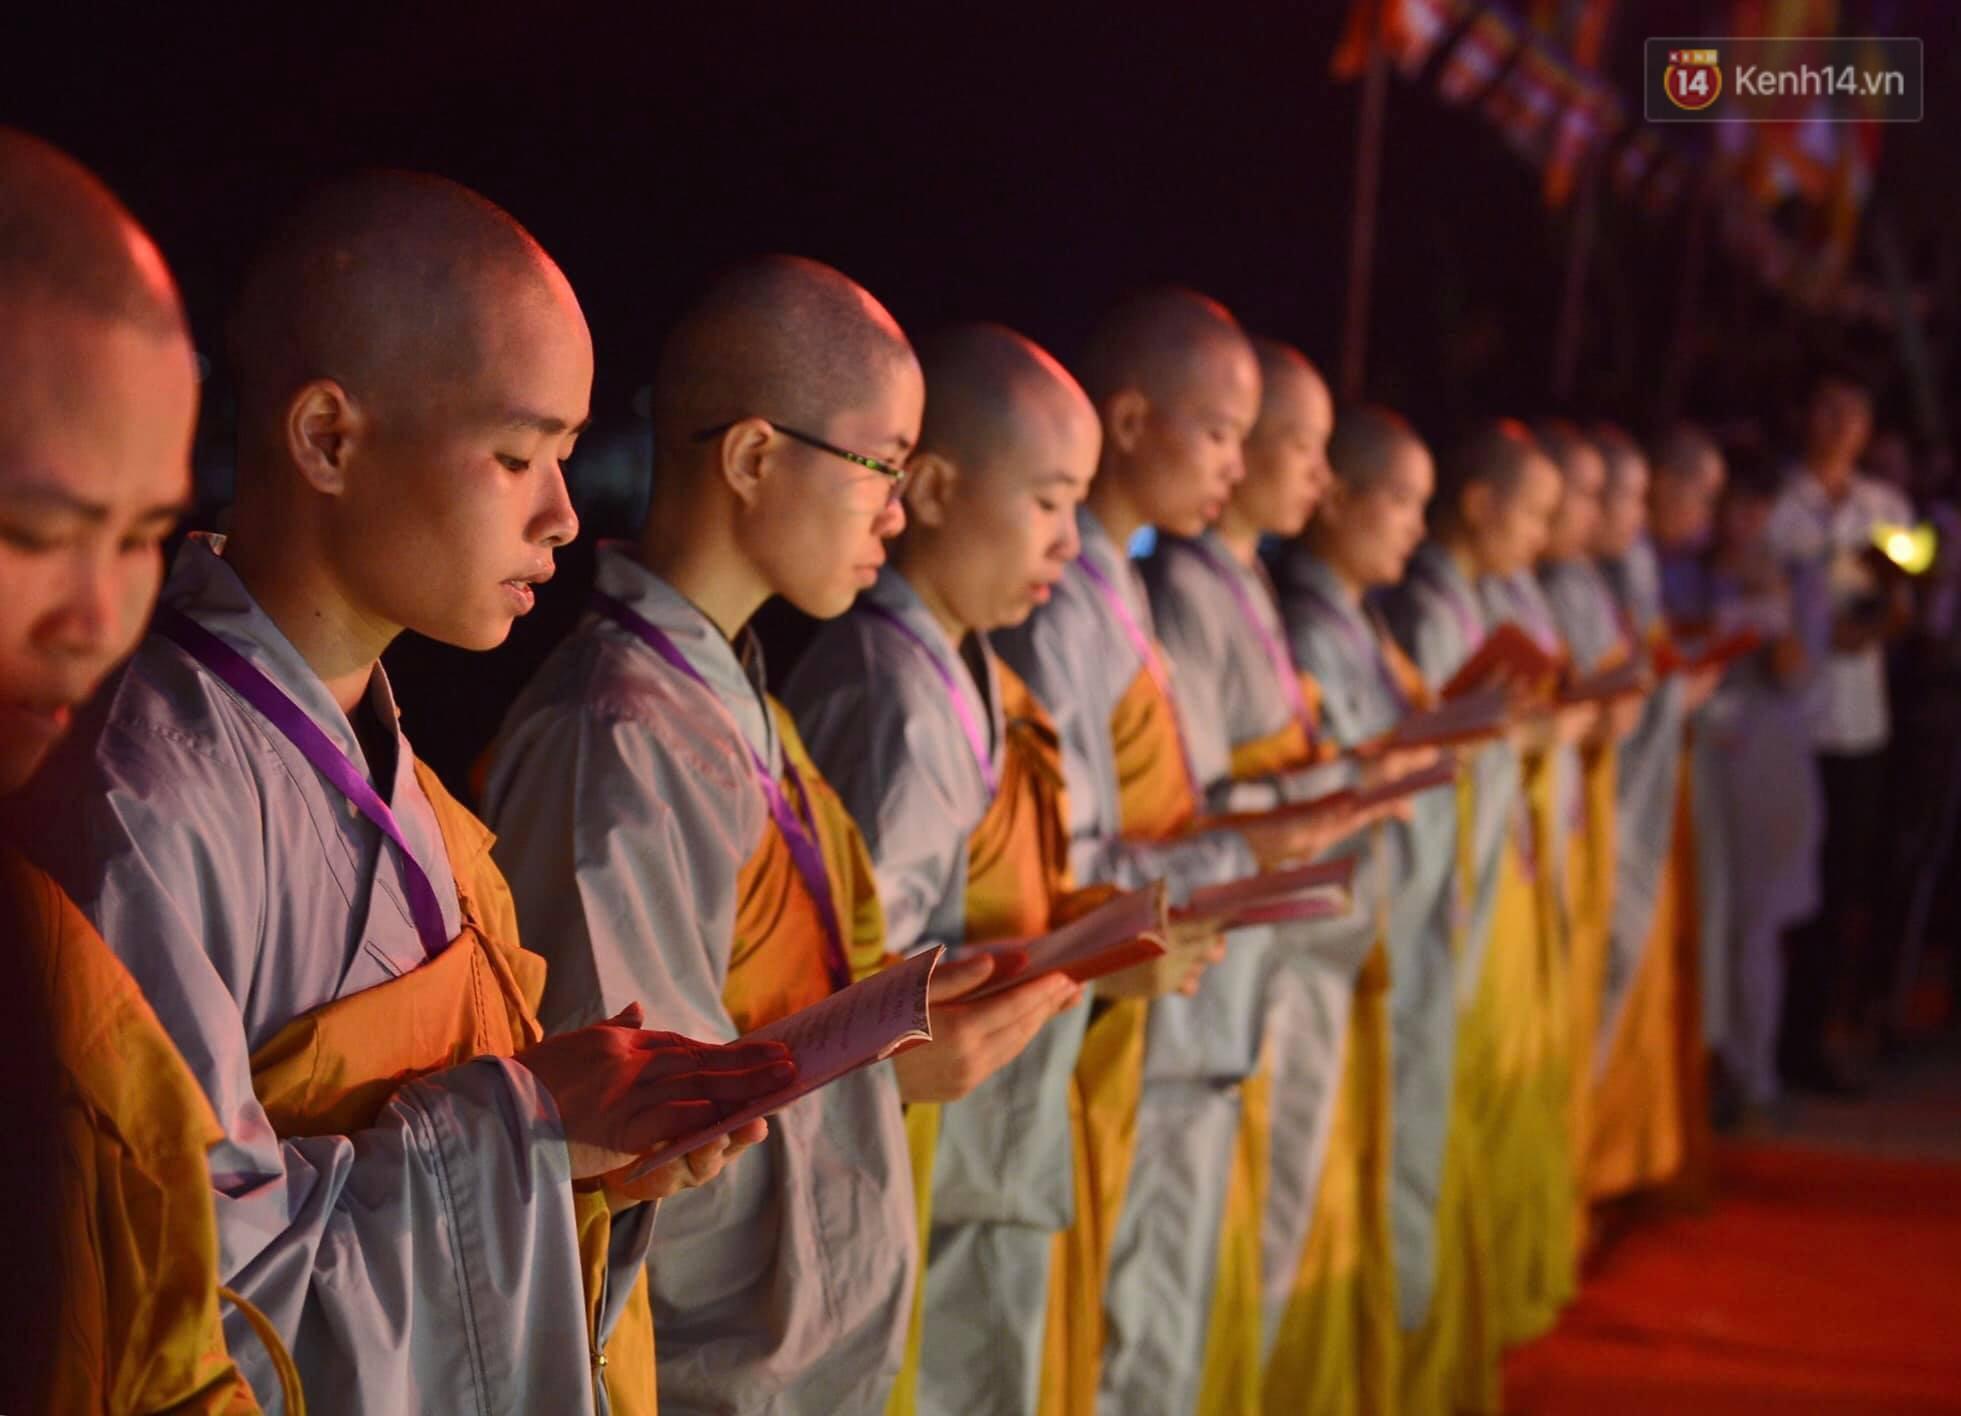 Hàng vạn người tham gia buổi lễ cầu nguyện hoà bình và hoa đăng tại chùa Tam Chúc - Ảnh 10.